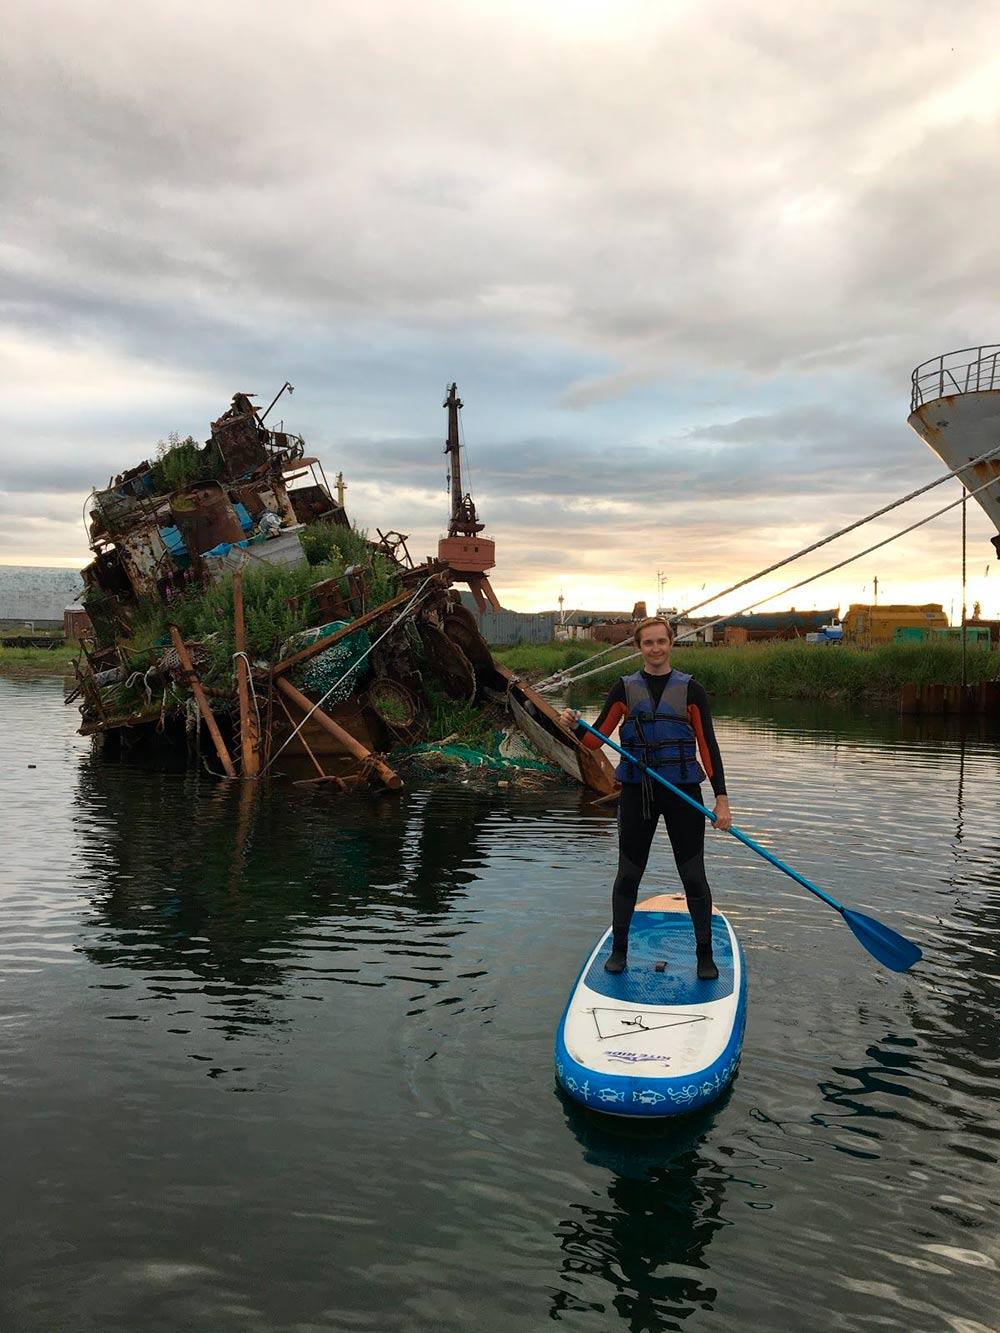 Сап в бухте среди полузатонувших или ремонтируемых кораблей на закате — отличное завершение долгого дня